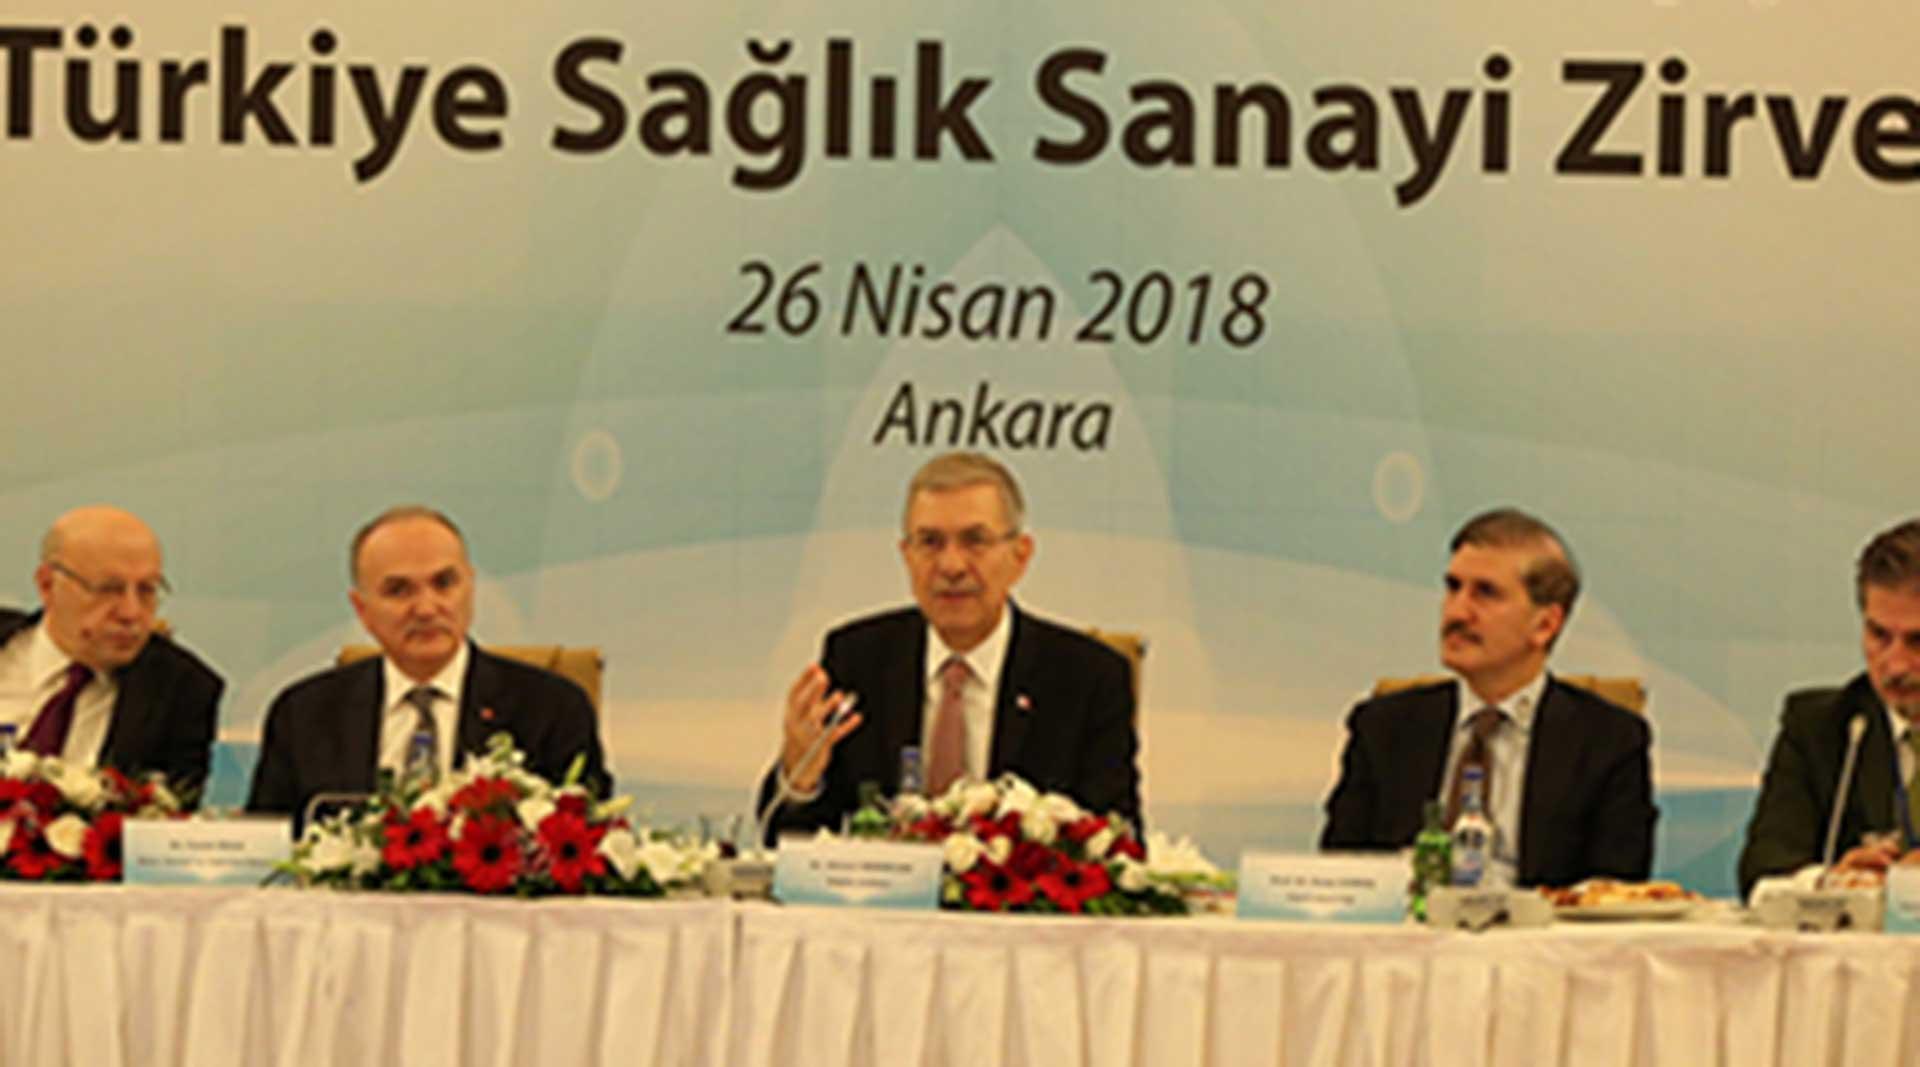 Türkiye Sağlık Sanayi Zirvesi Ankara'da Gerçekleştirildi..